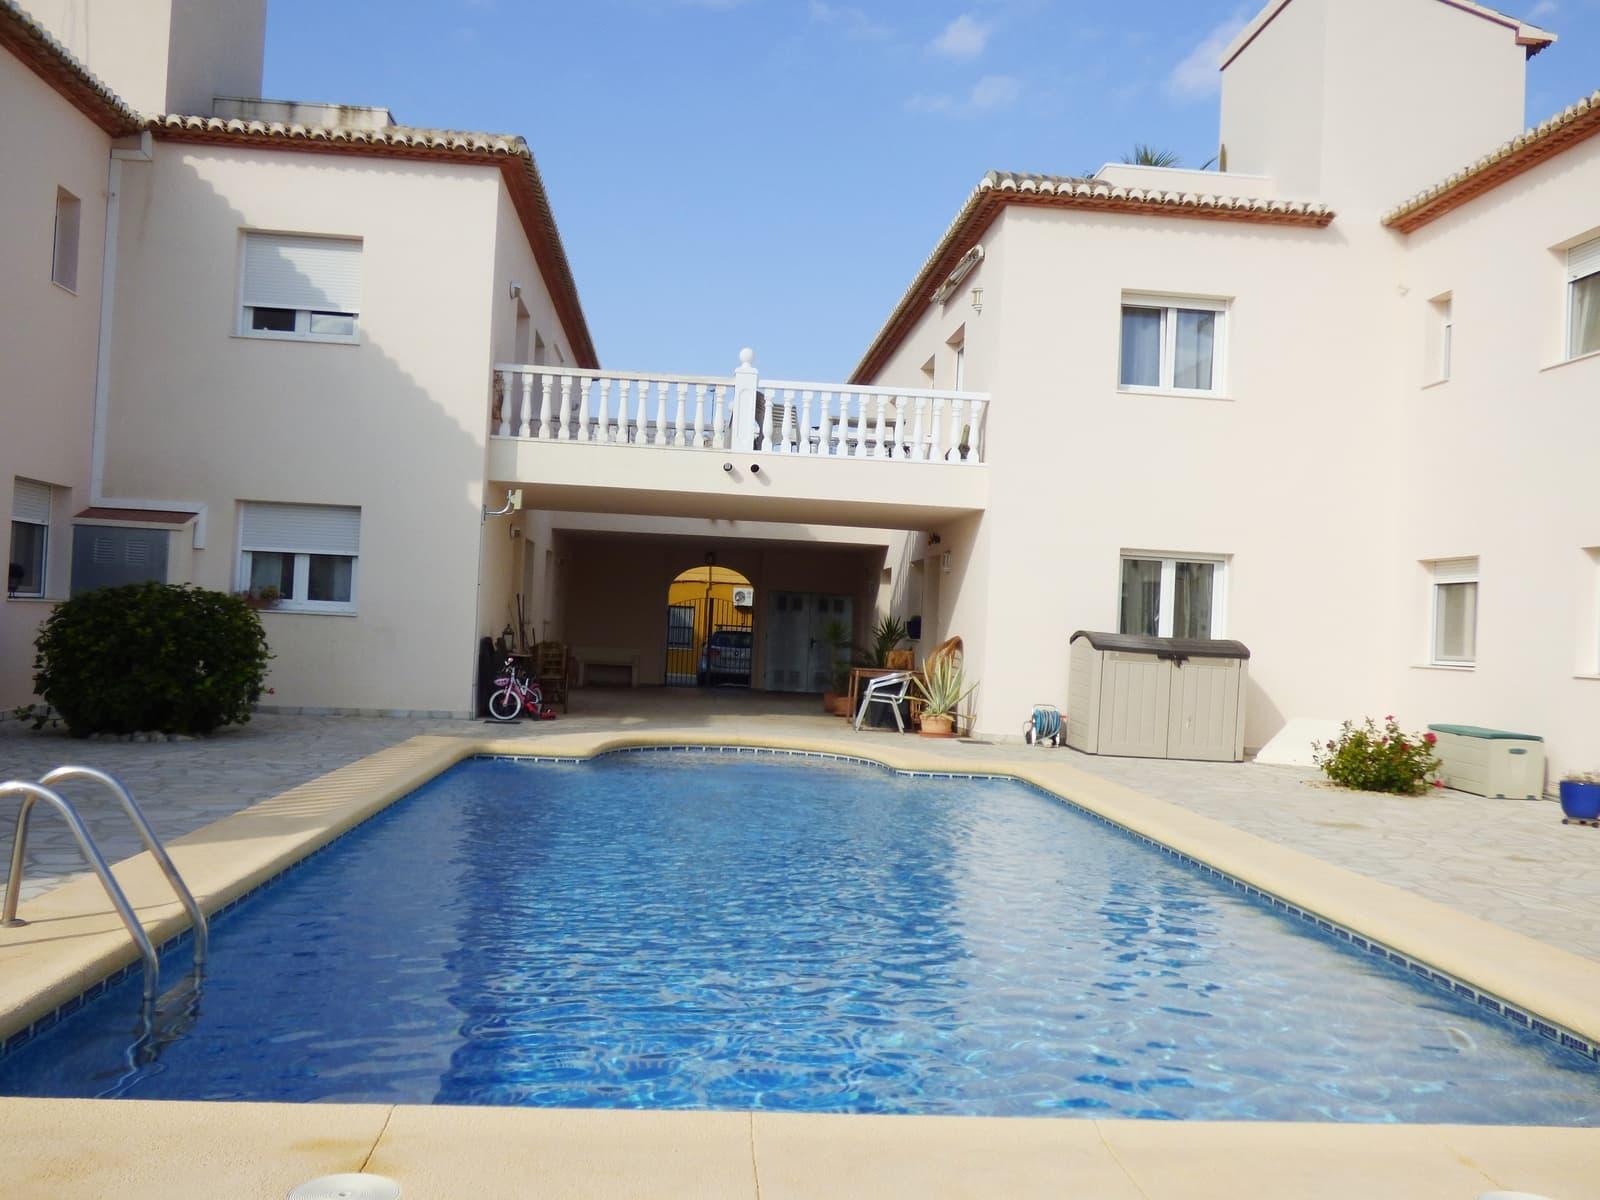 Bungalow de 4 habitaciones en Ondara en venta - 159.000 € (Ref: 5034005)